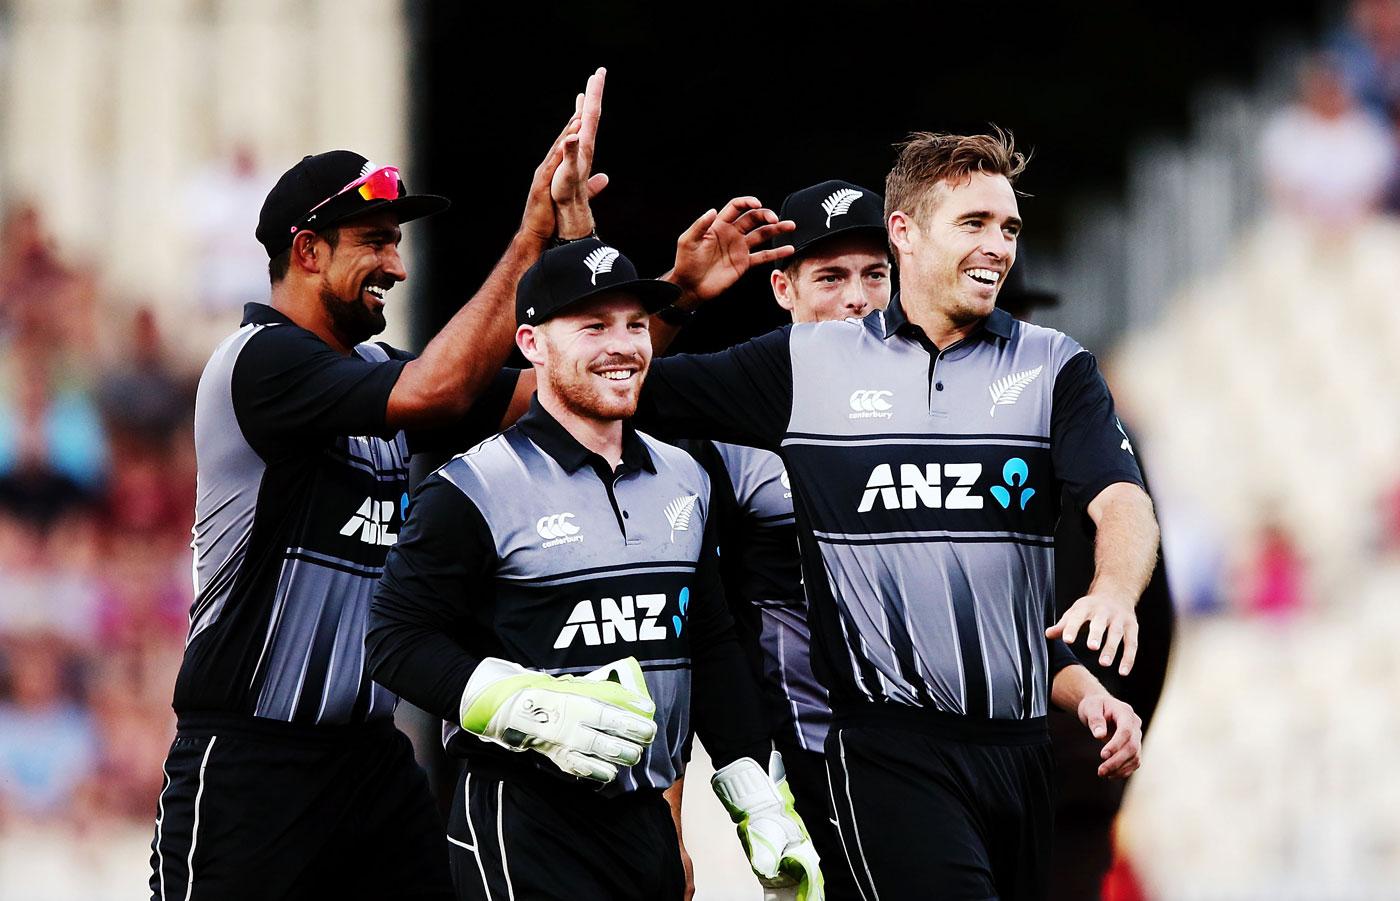 टी-20 ट्राई सीरीज- इंग्लैंड से हारकर भी फाइनल में पहुंची न्यूजीलैंड, जीतने के बाद भी बाहर हुआ इंग्लैंड 54